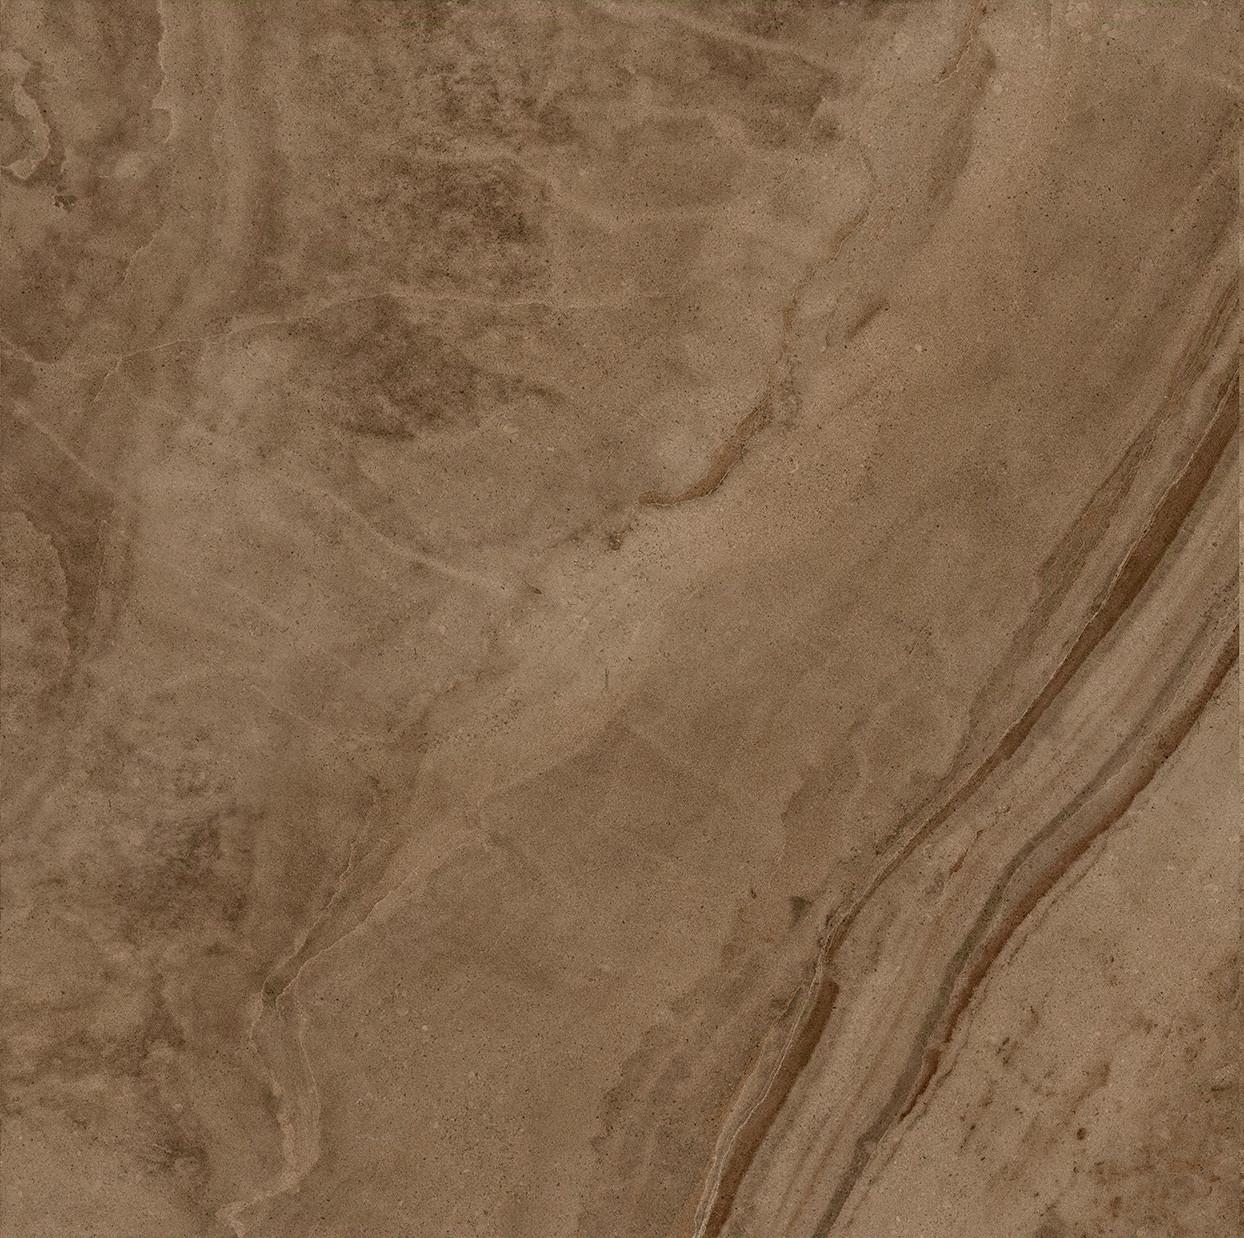 Плитка для підлоги LOUVRE коричневий 400x400x9 мм